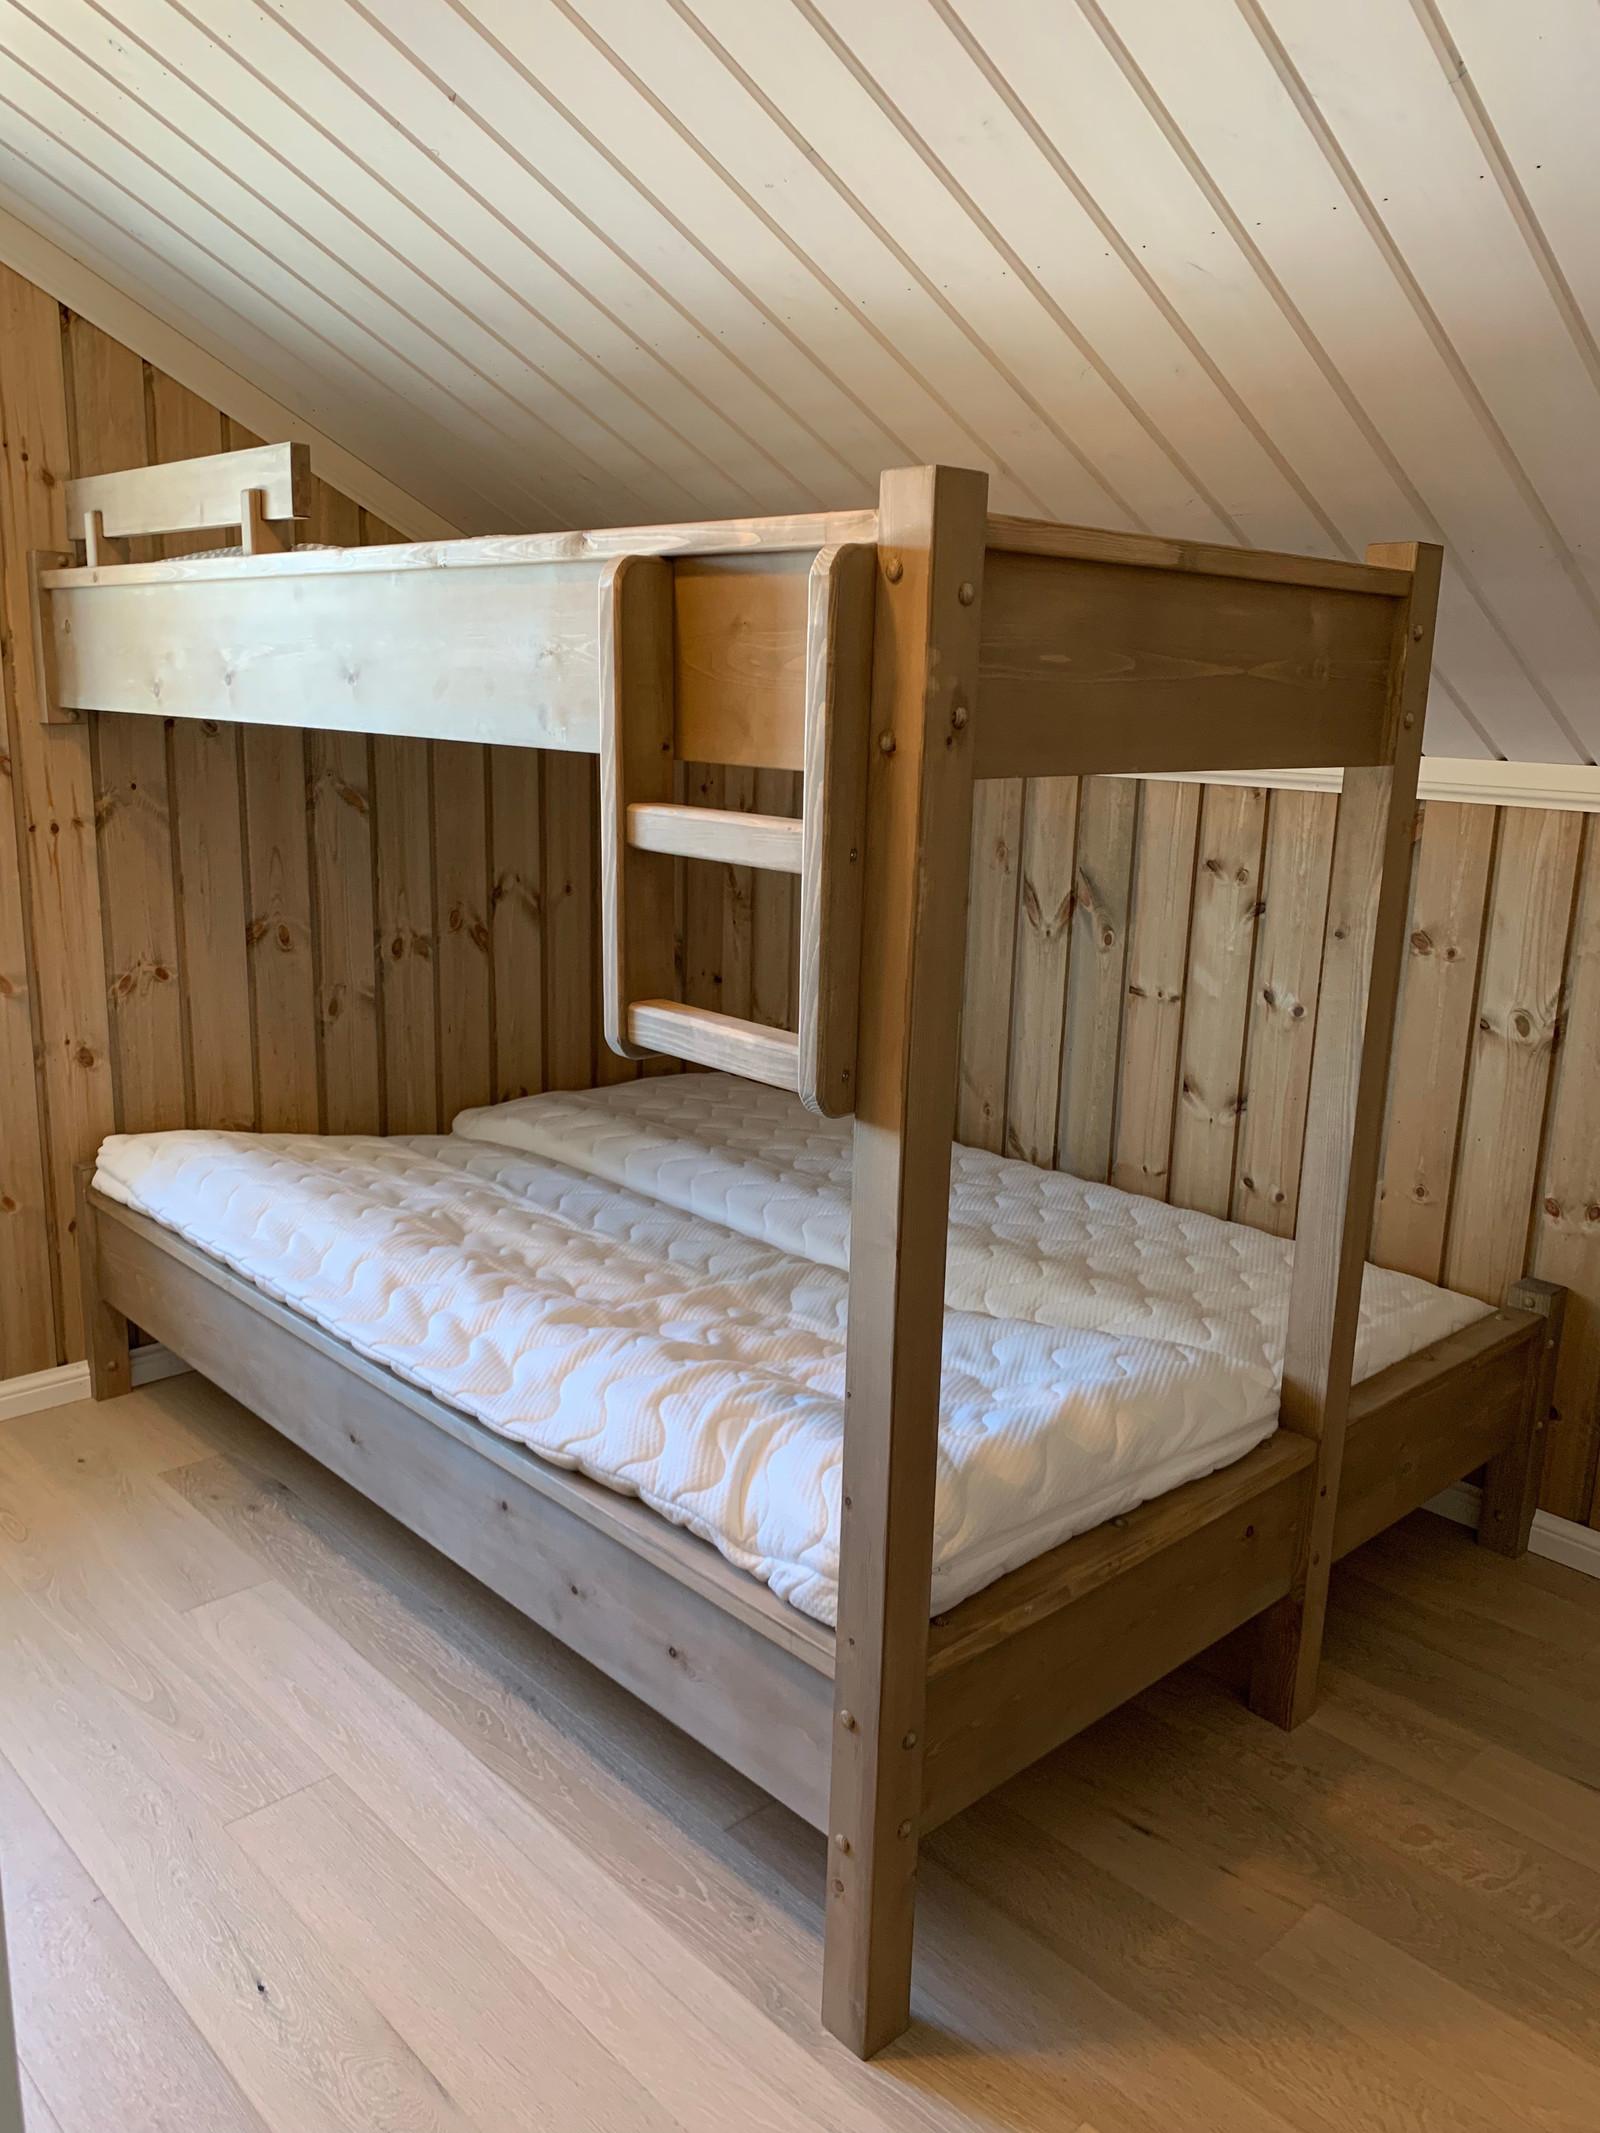 sov 3 og 4 i andre etasje. Kan levere tilpassette senger.